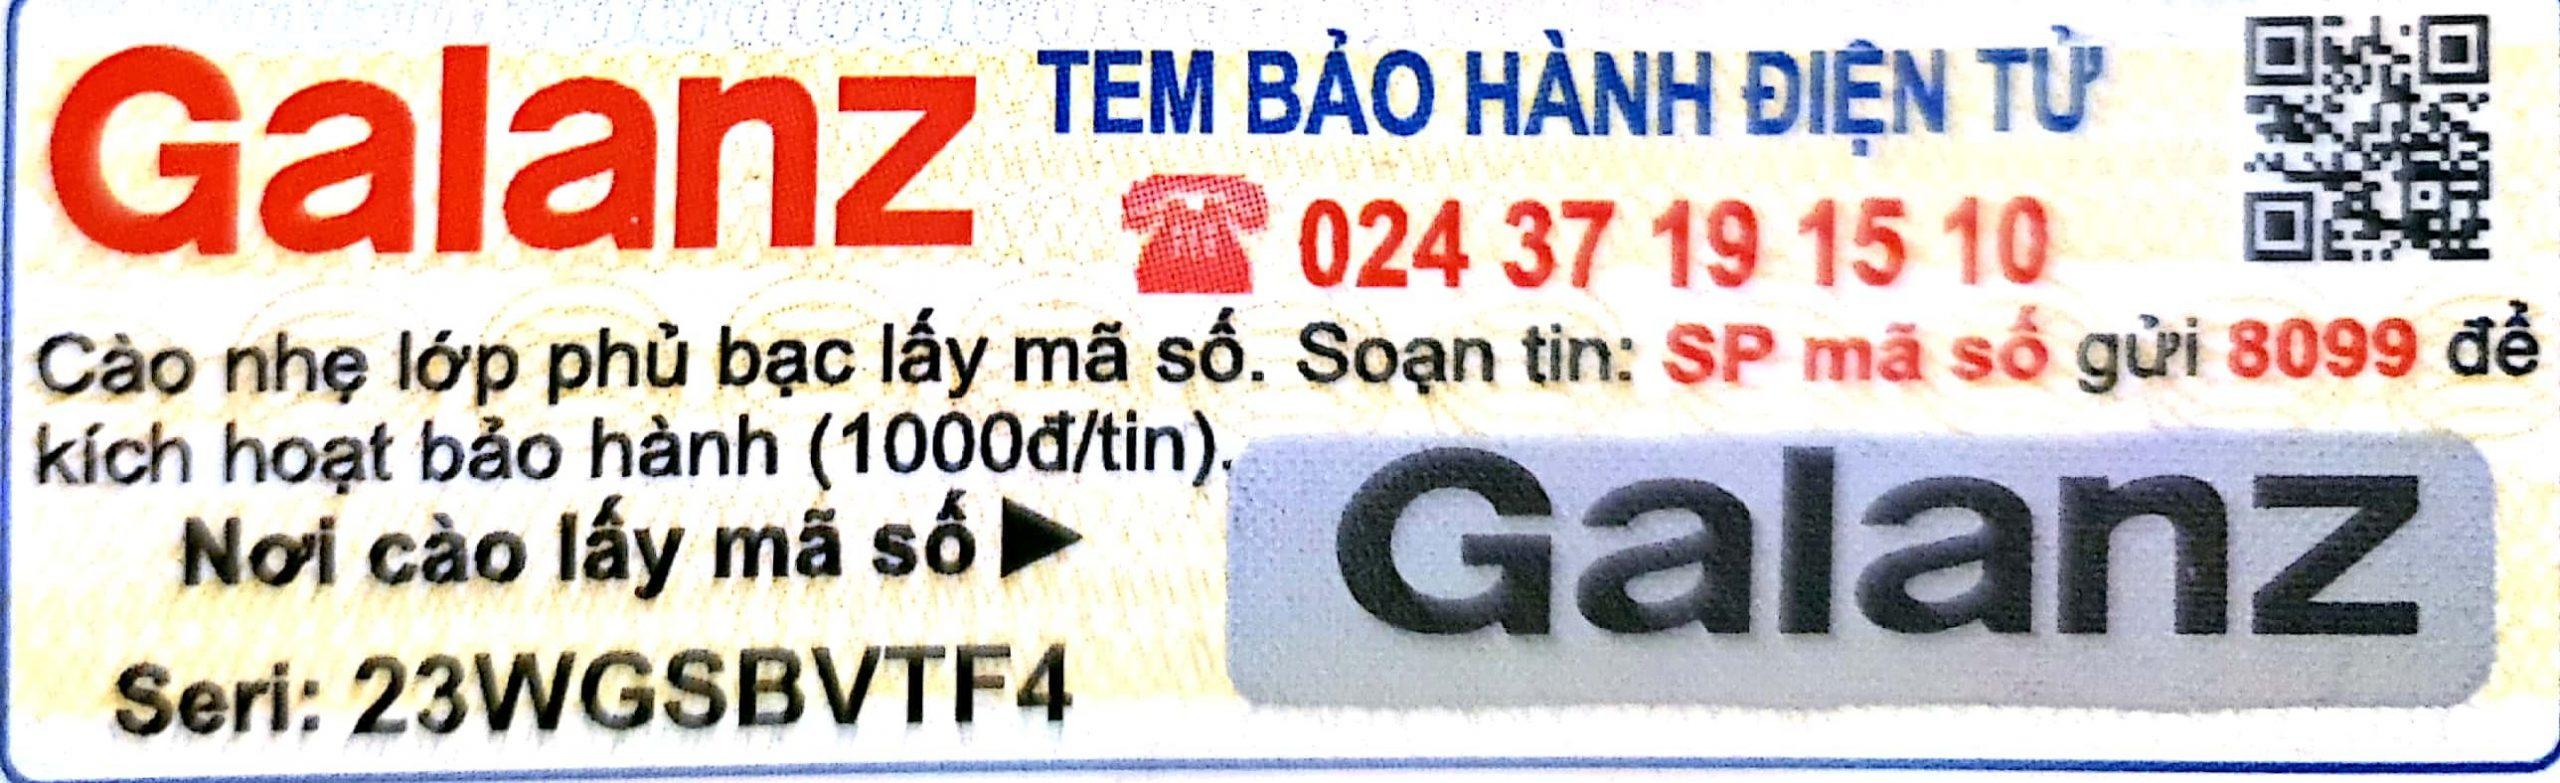 Tem Bao Hanh Dien Tu